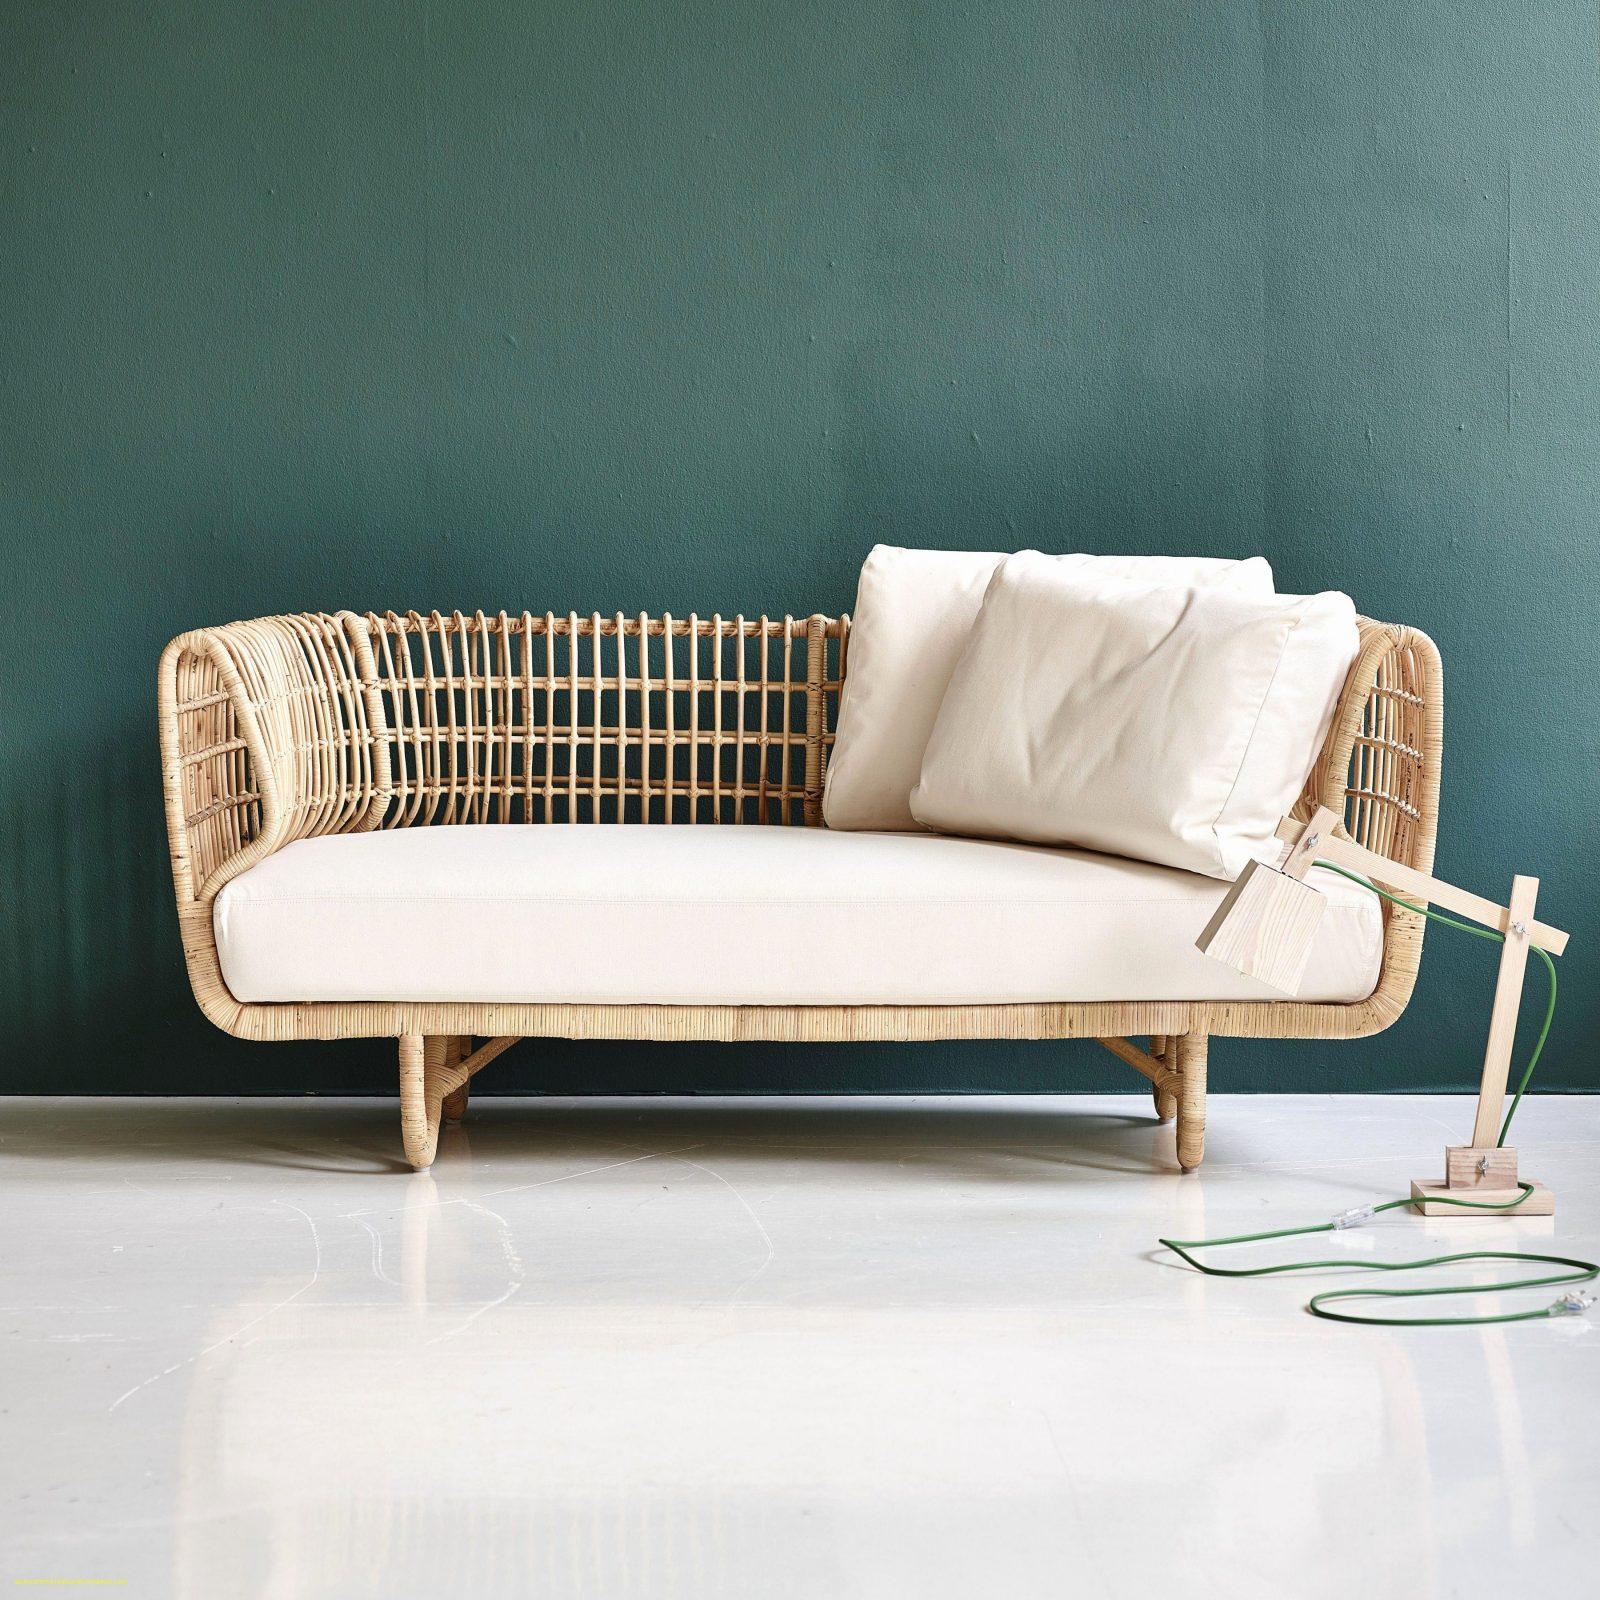 Möbel Bestellen Auf Raten Trotz Schufa 21 Frisch Fotos Von Sofa Auf von Sofa Auf Raten Kaufen Trotz Schufa Photo